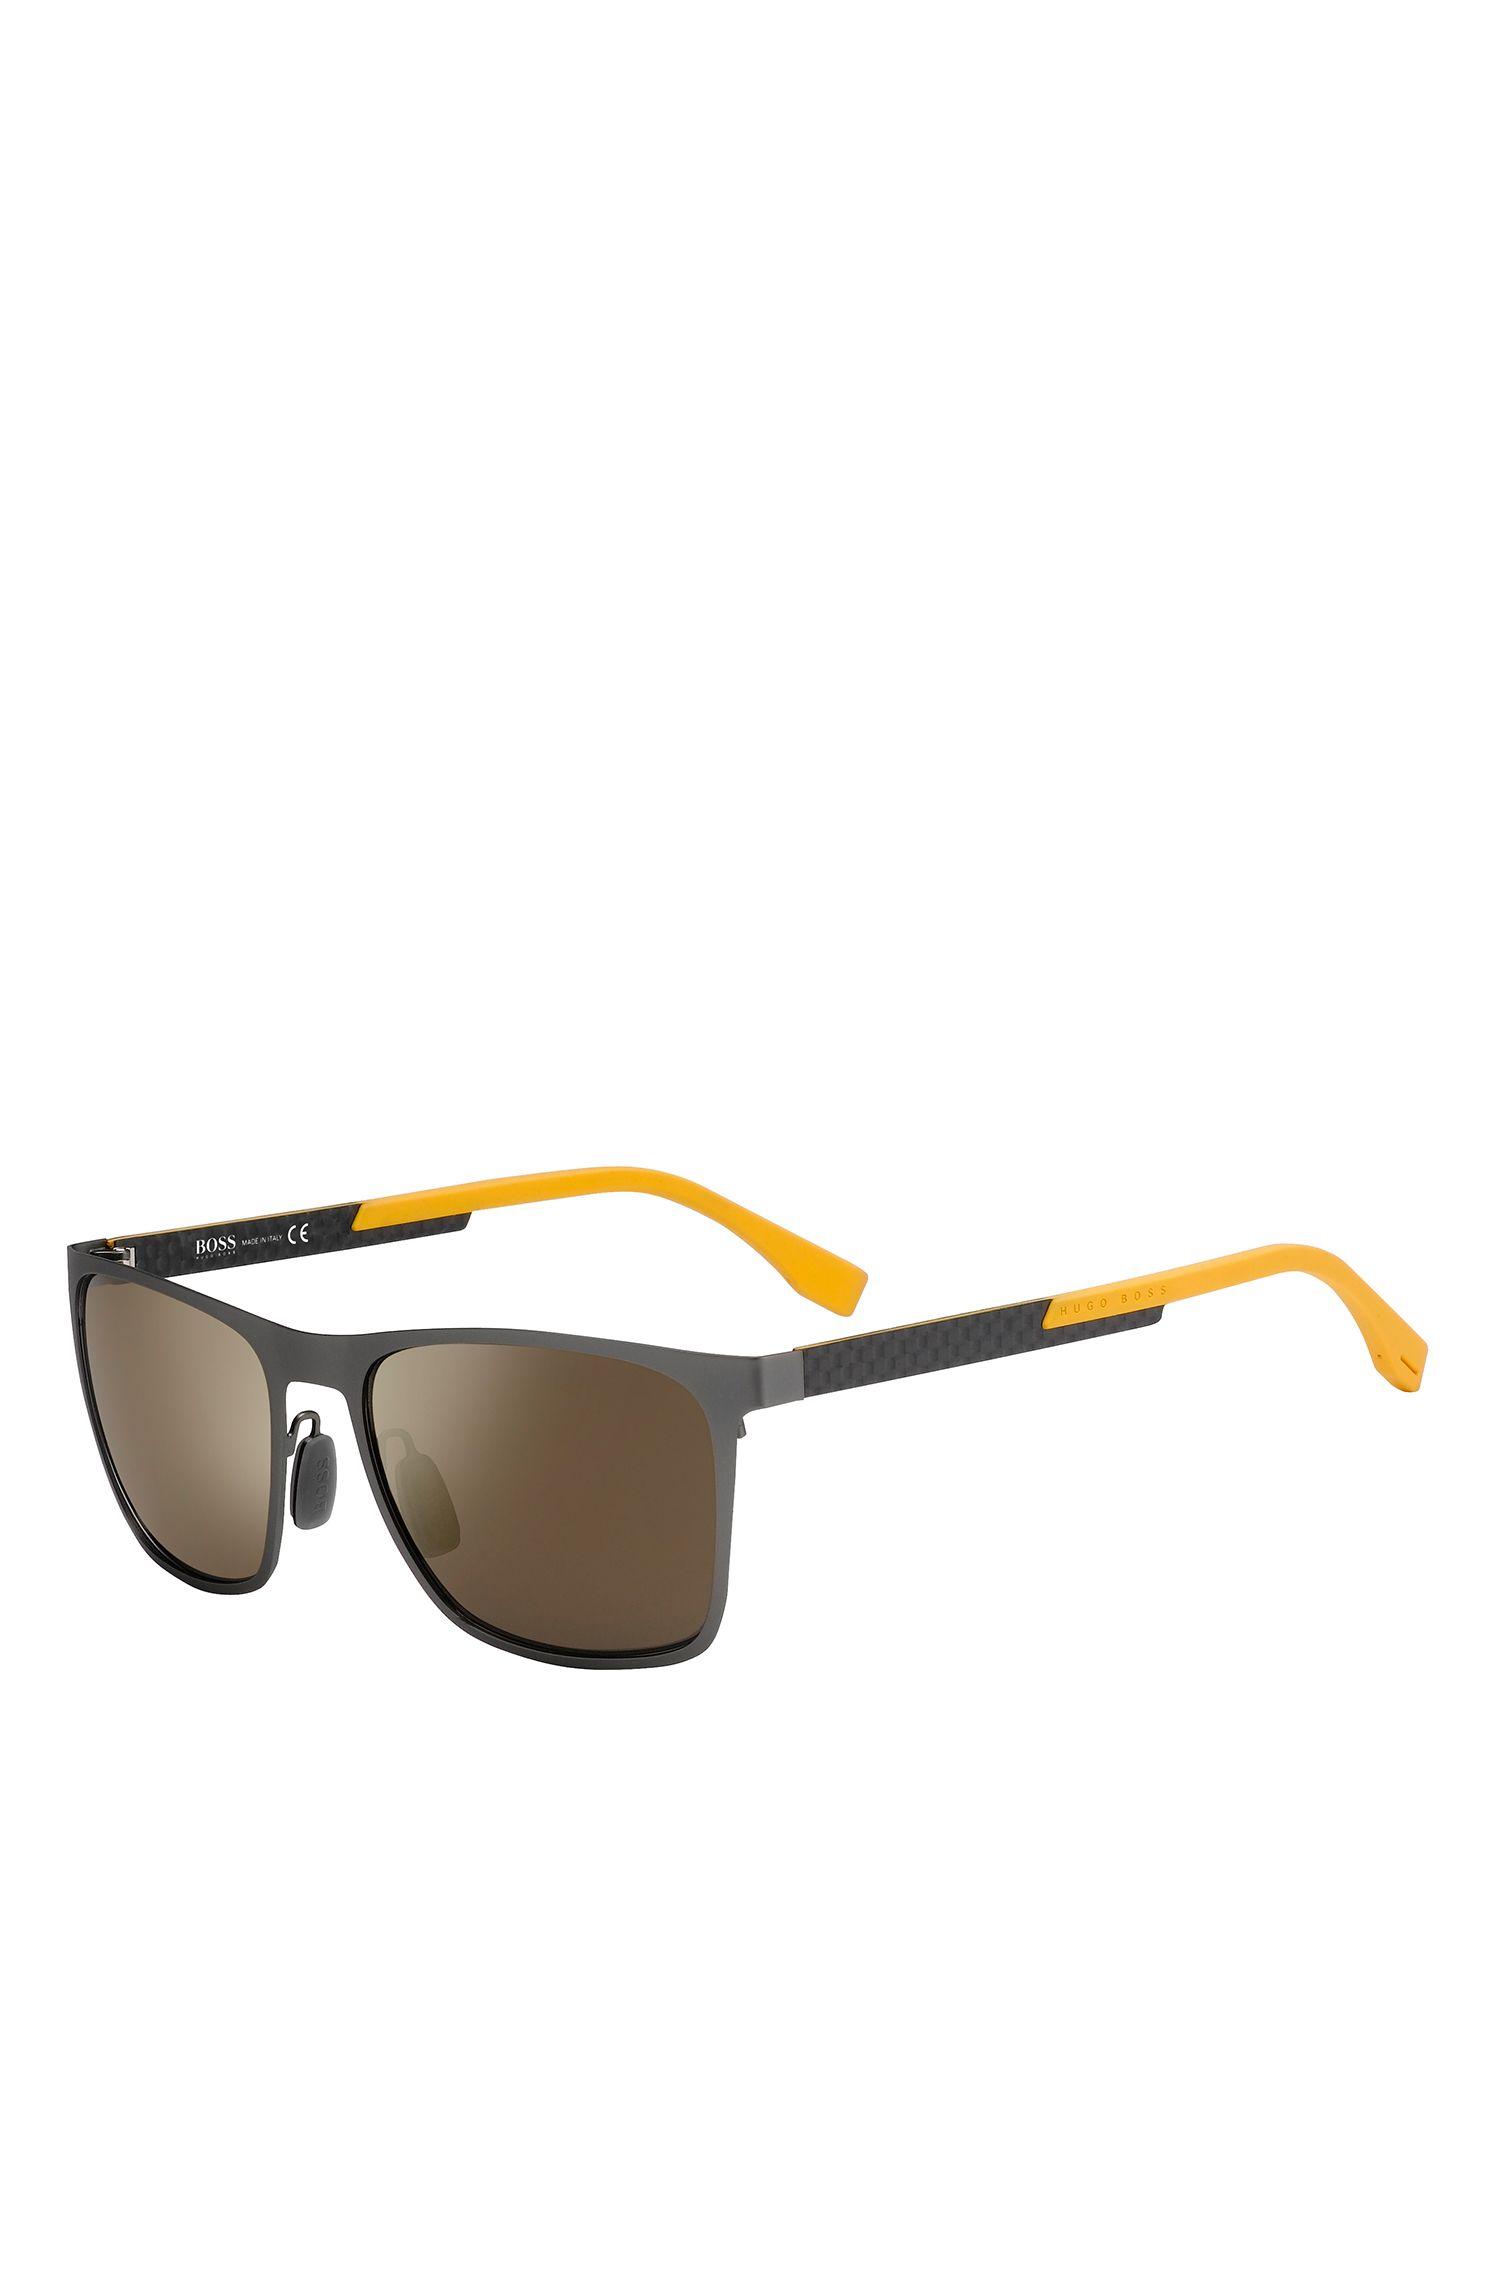 'BOSS 0732S' | Gunmetal Flash Lens Rectangular Sunglasses